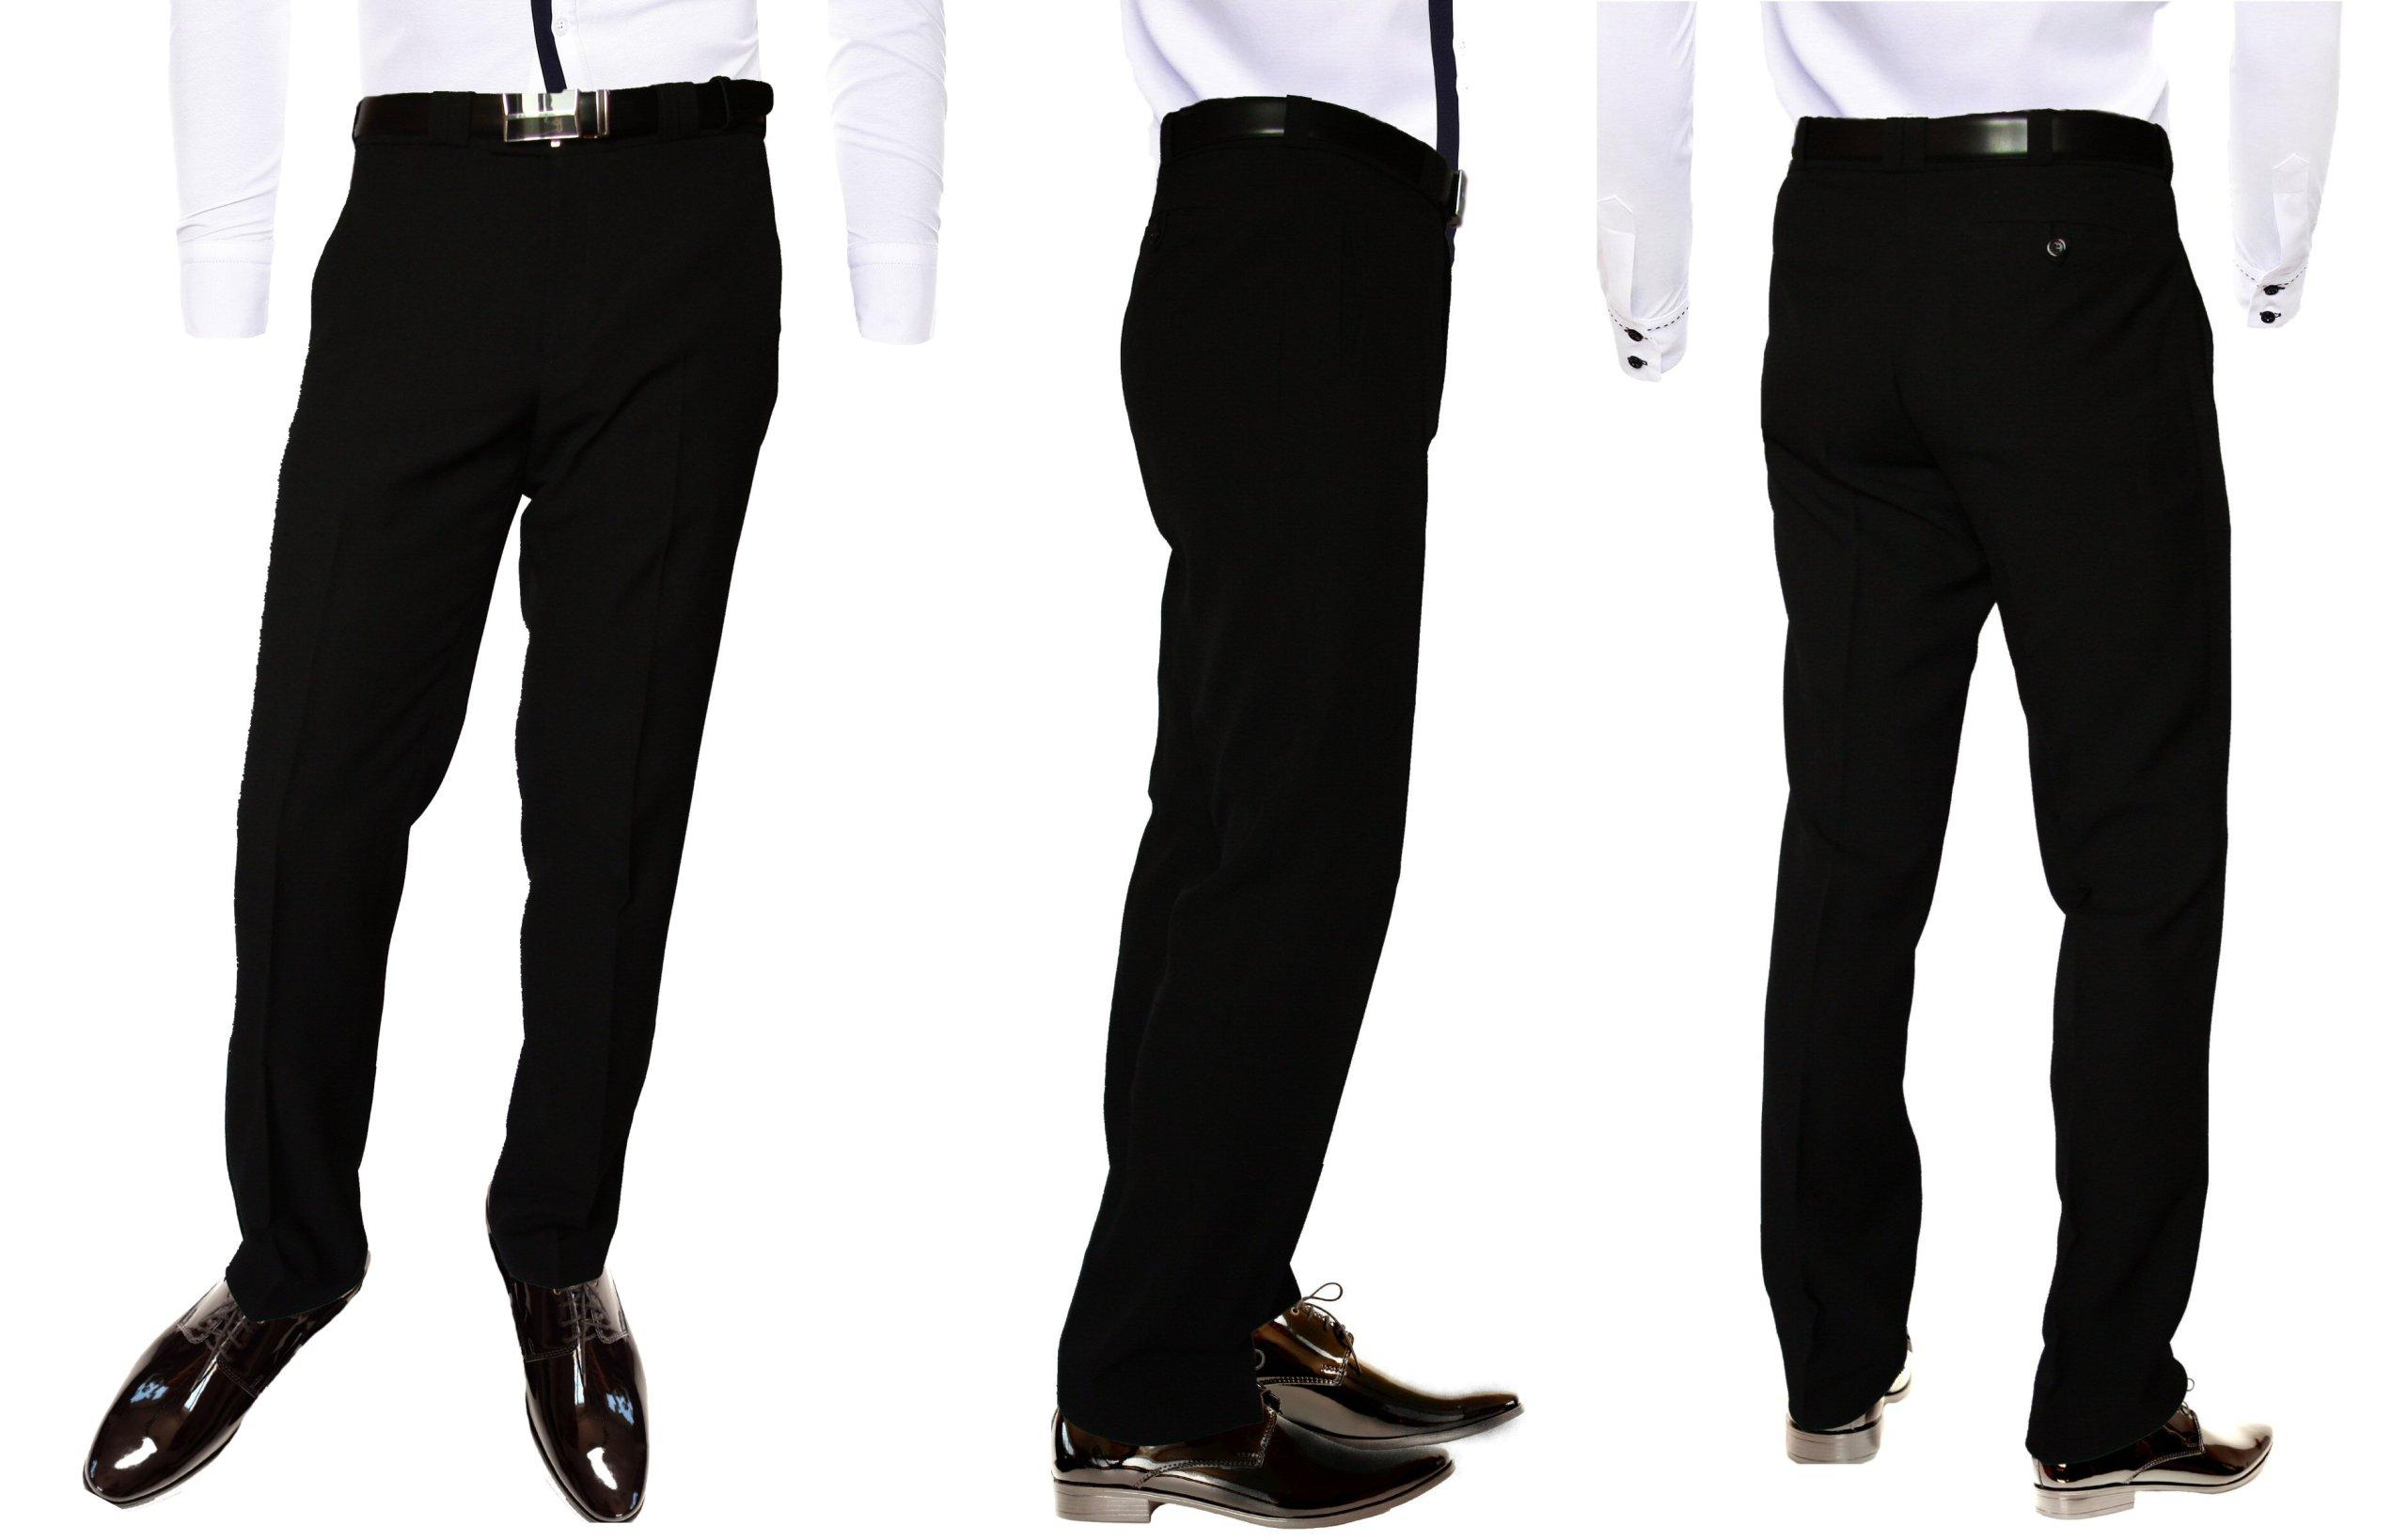 31f6dc5ebad51 Spodnie męskie garniturowe wizytowe 90/186 czarne - 7386767240 ...